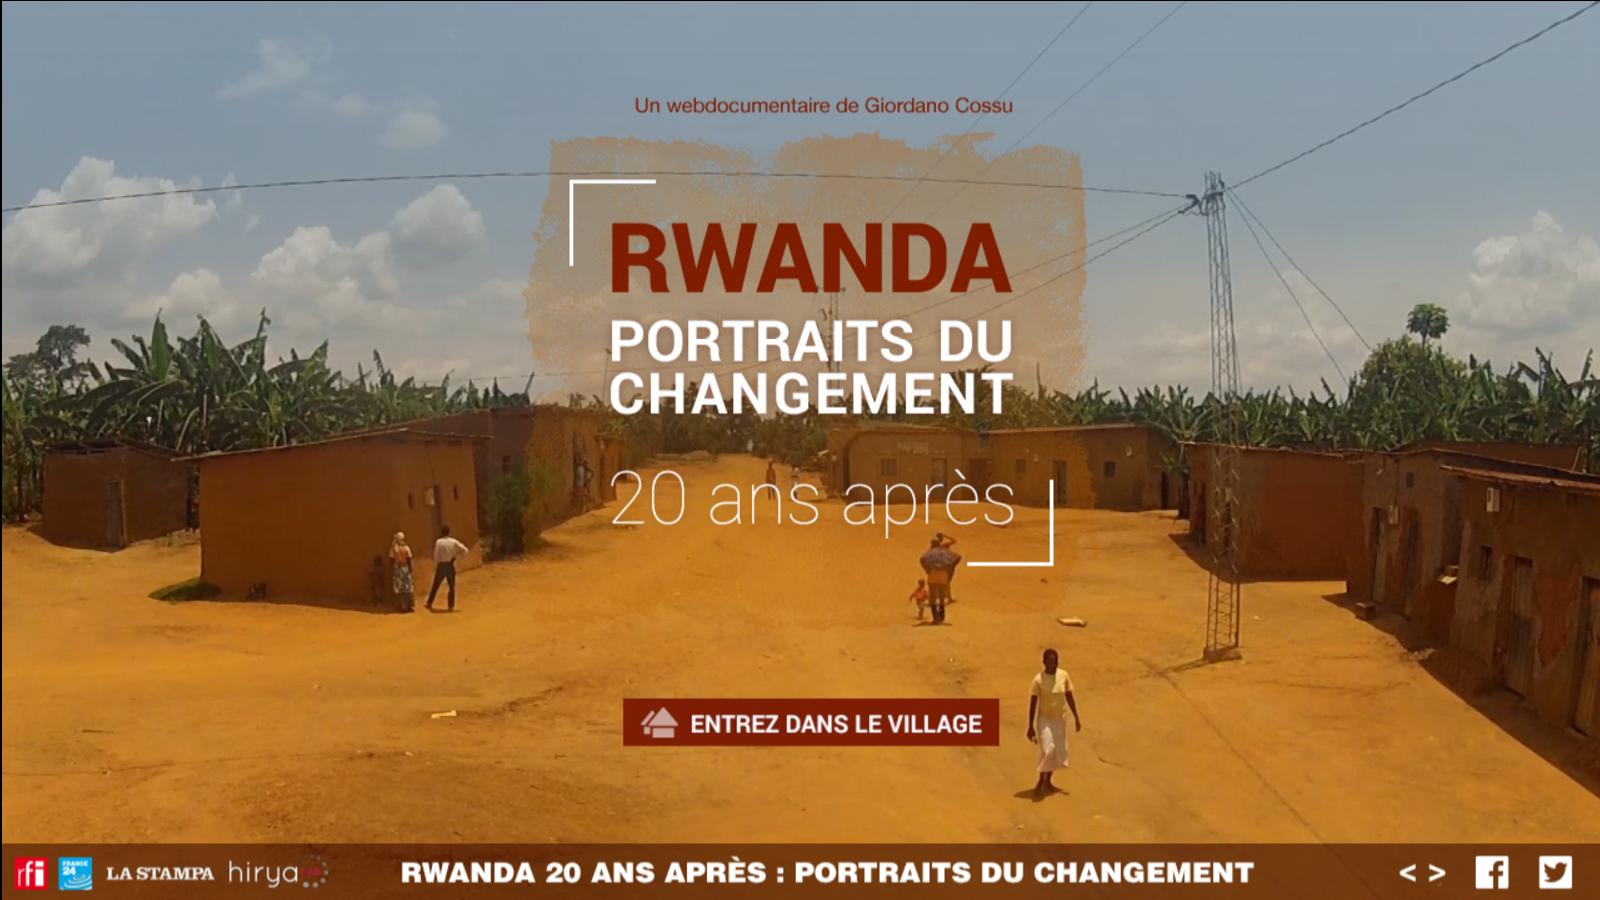 Webdocumentaire Rwanda portraits du changement 20 ans après